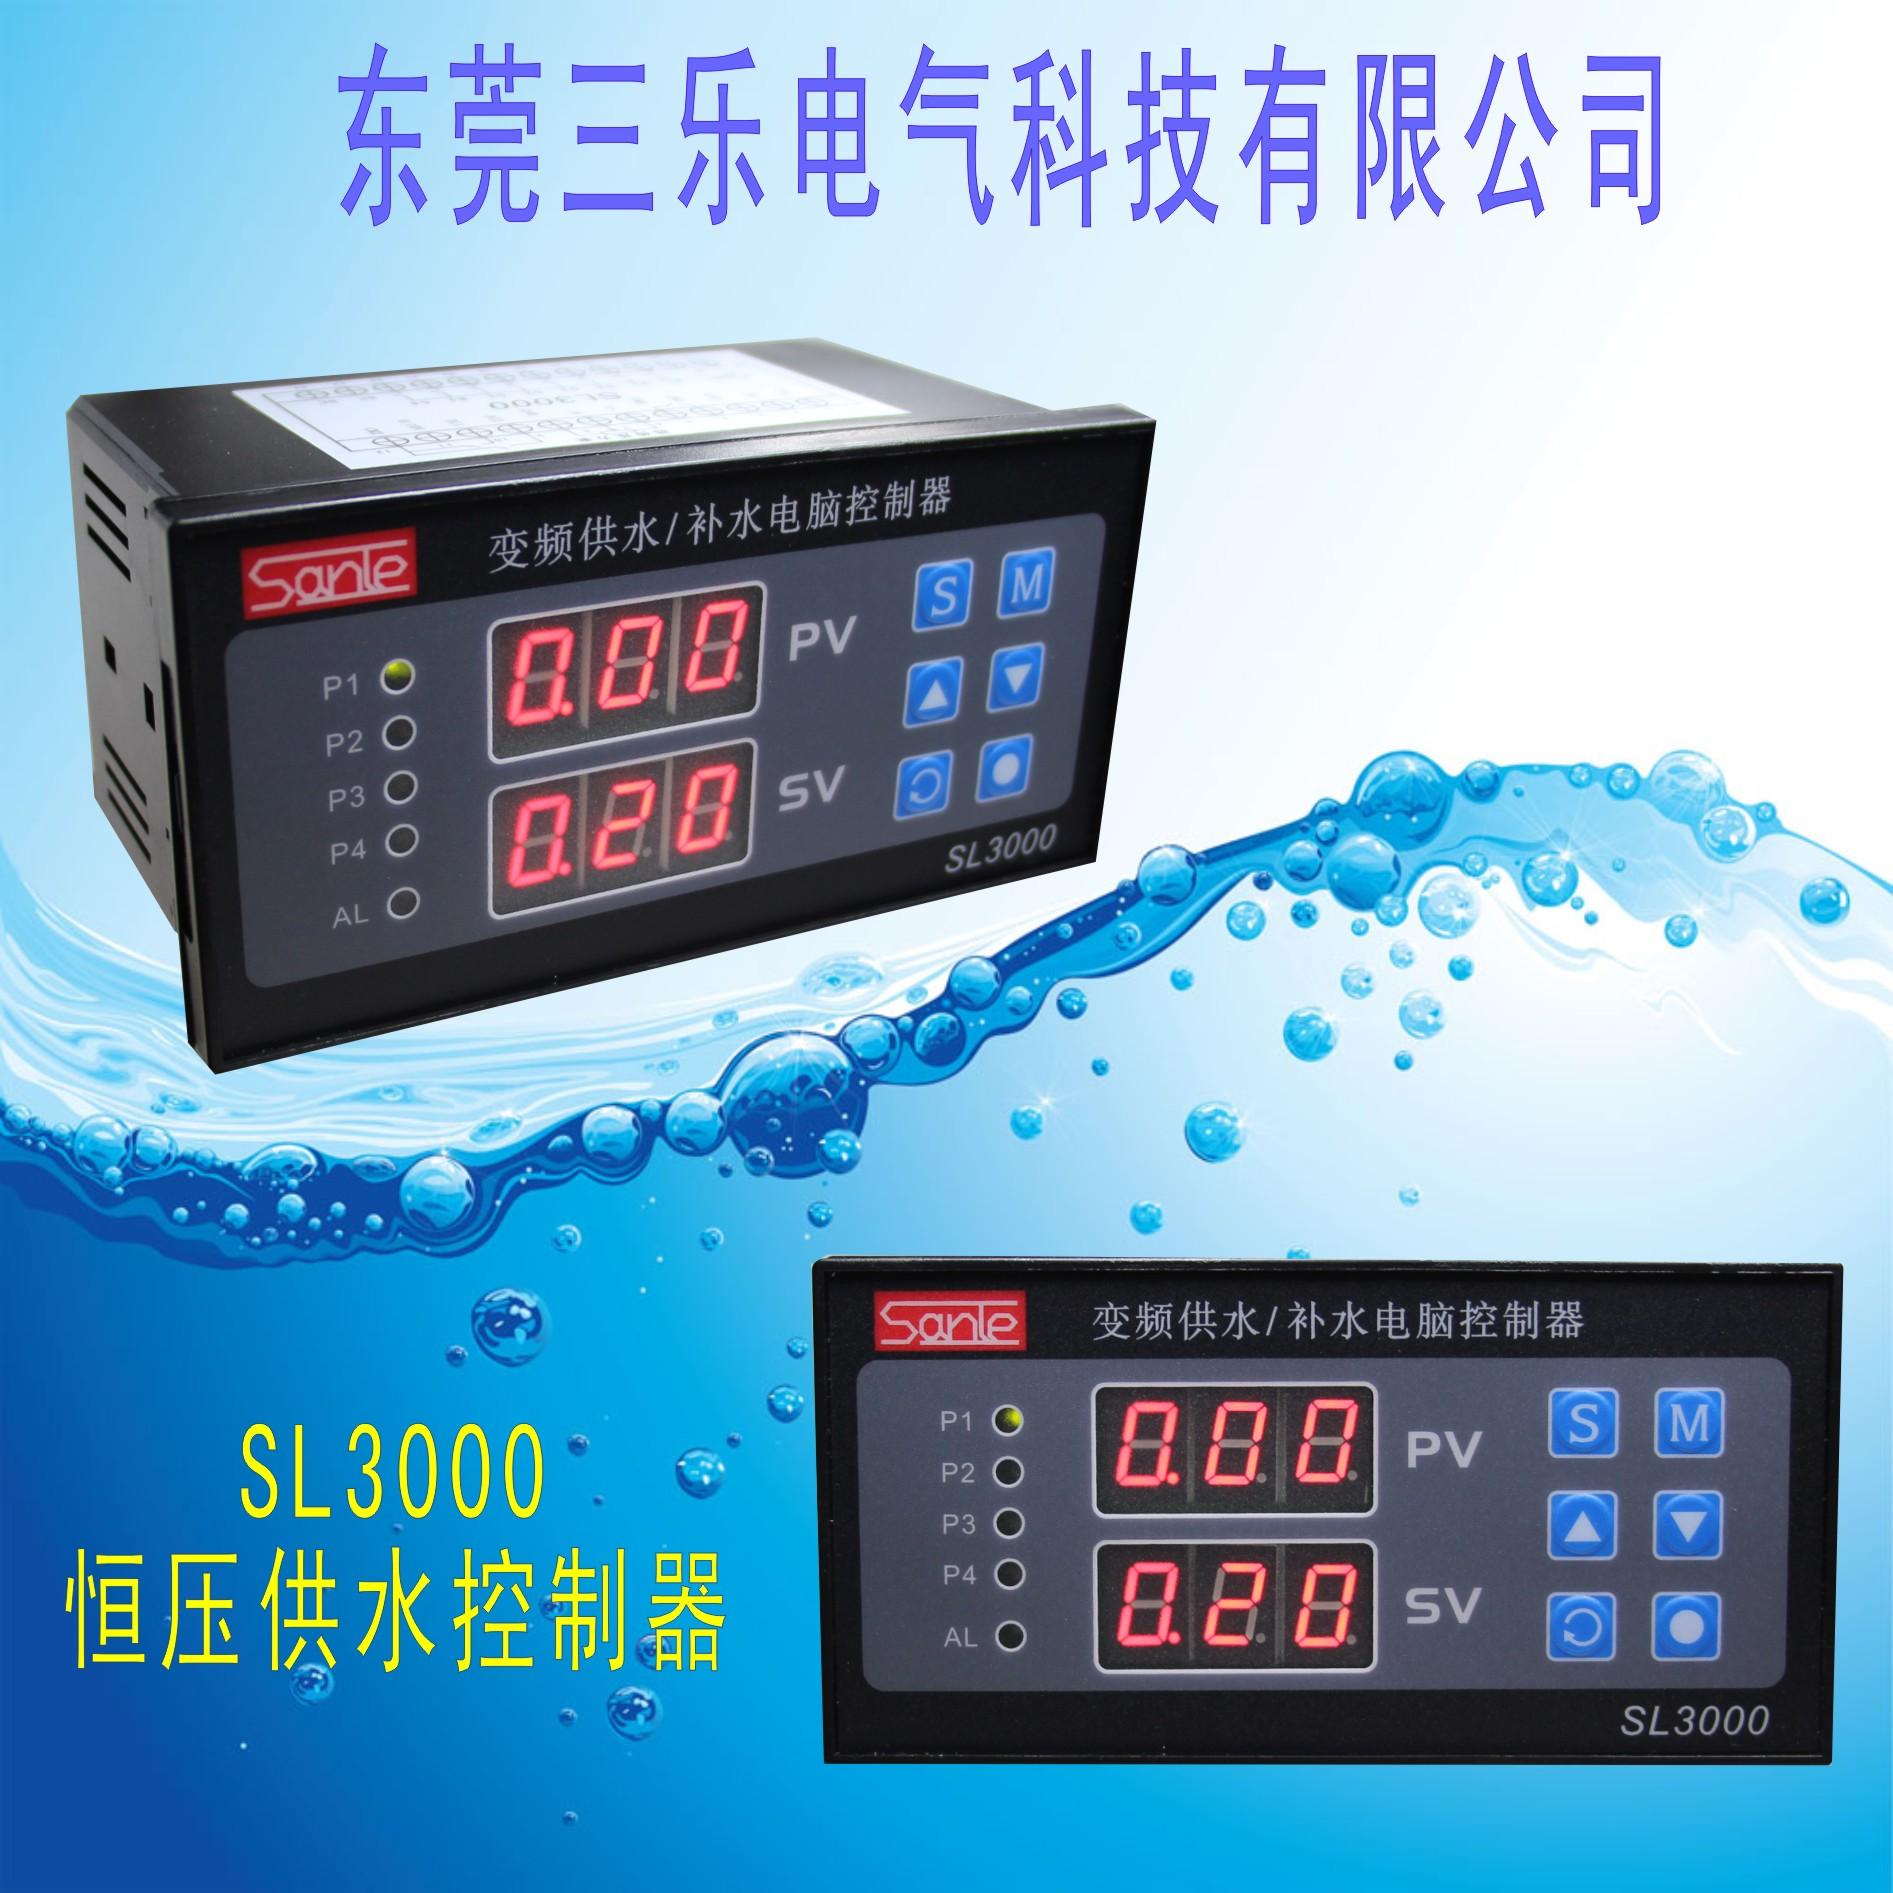 Контролер бесплатная доставка ! преобразование частот устройство ( насос ) специальный постоянный пресс для вода контролер может перетащите для пять насос